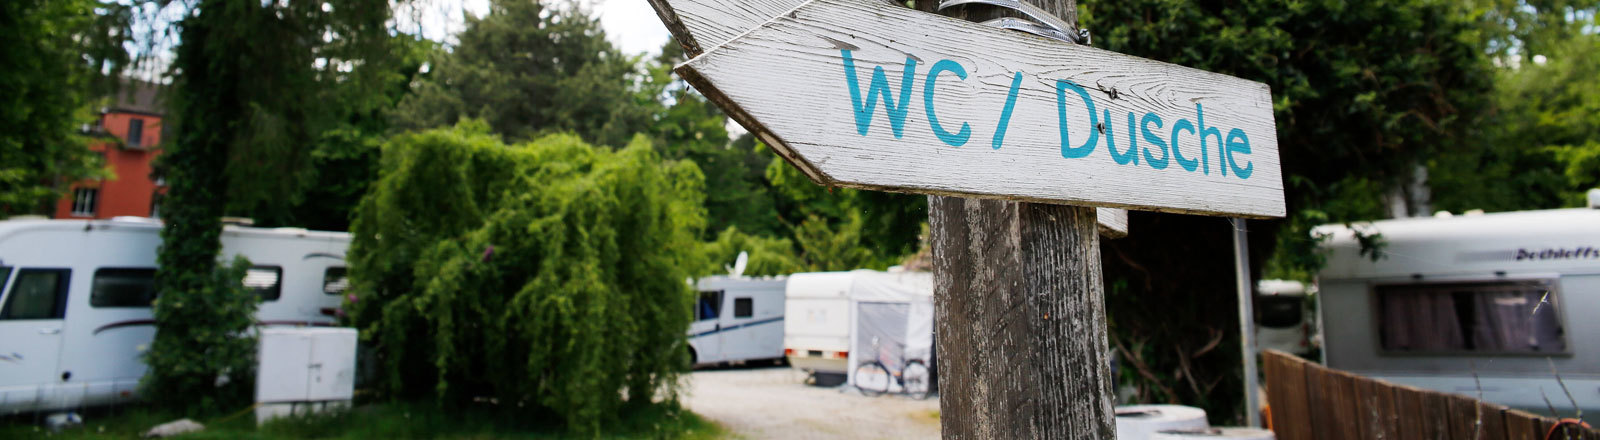 Campingplatz mit Wegweisern, die die Richtung zu den Plätzen, Duschen und Toiletten weisen.